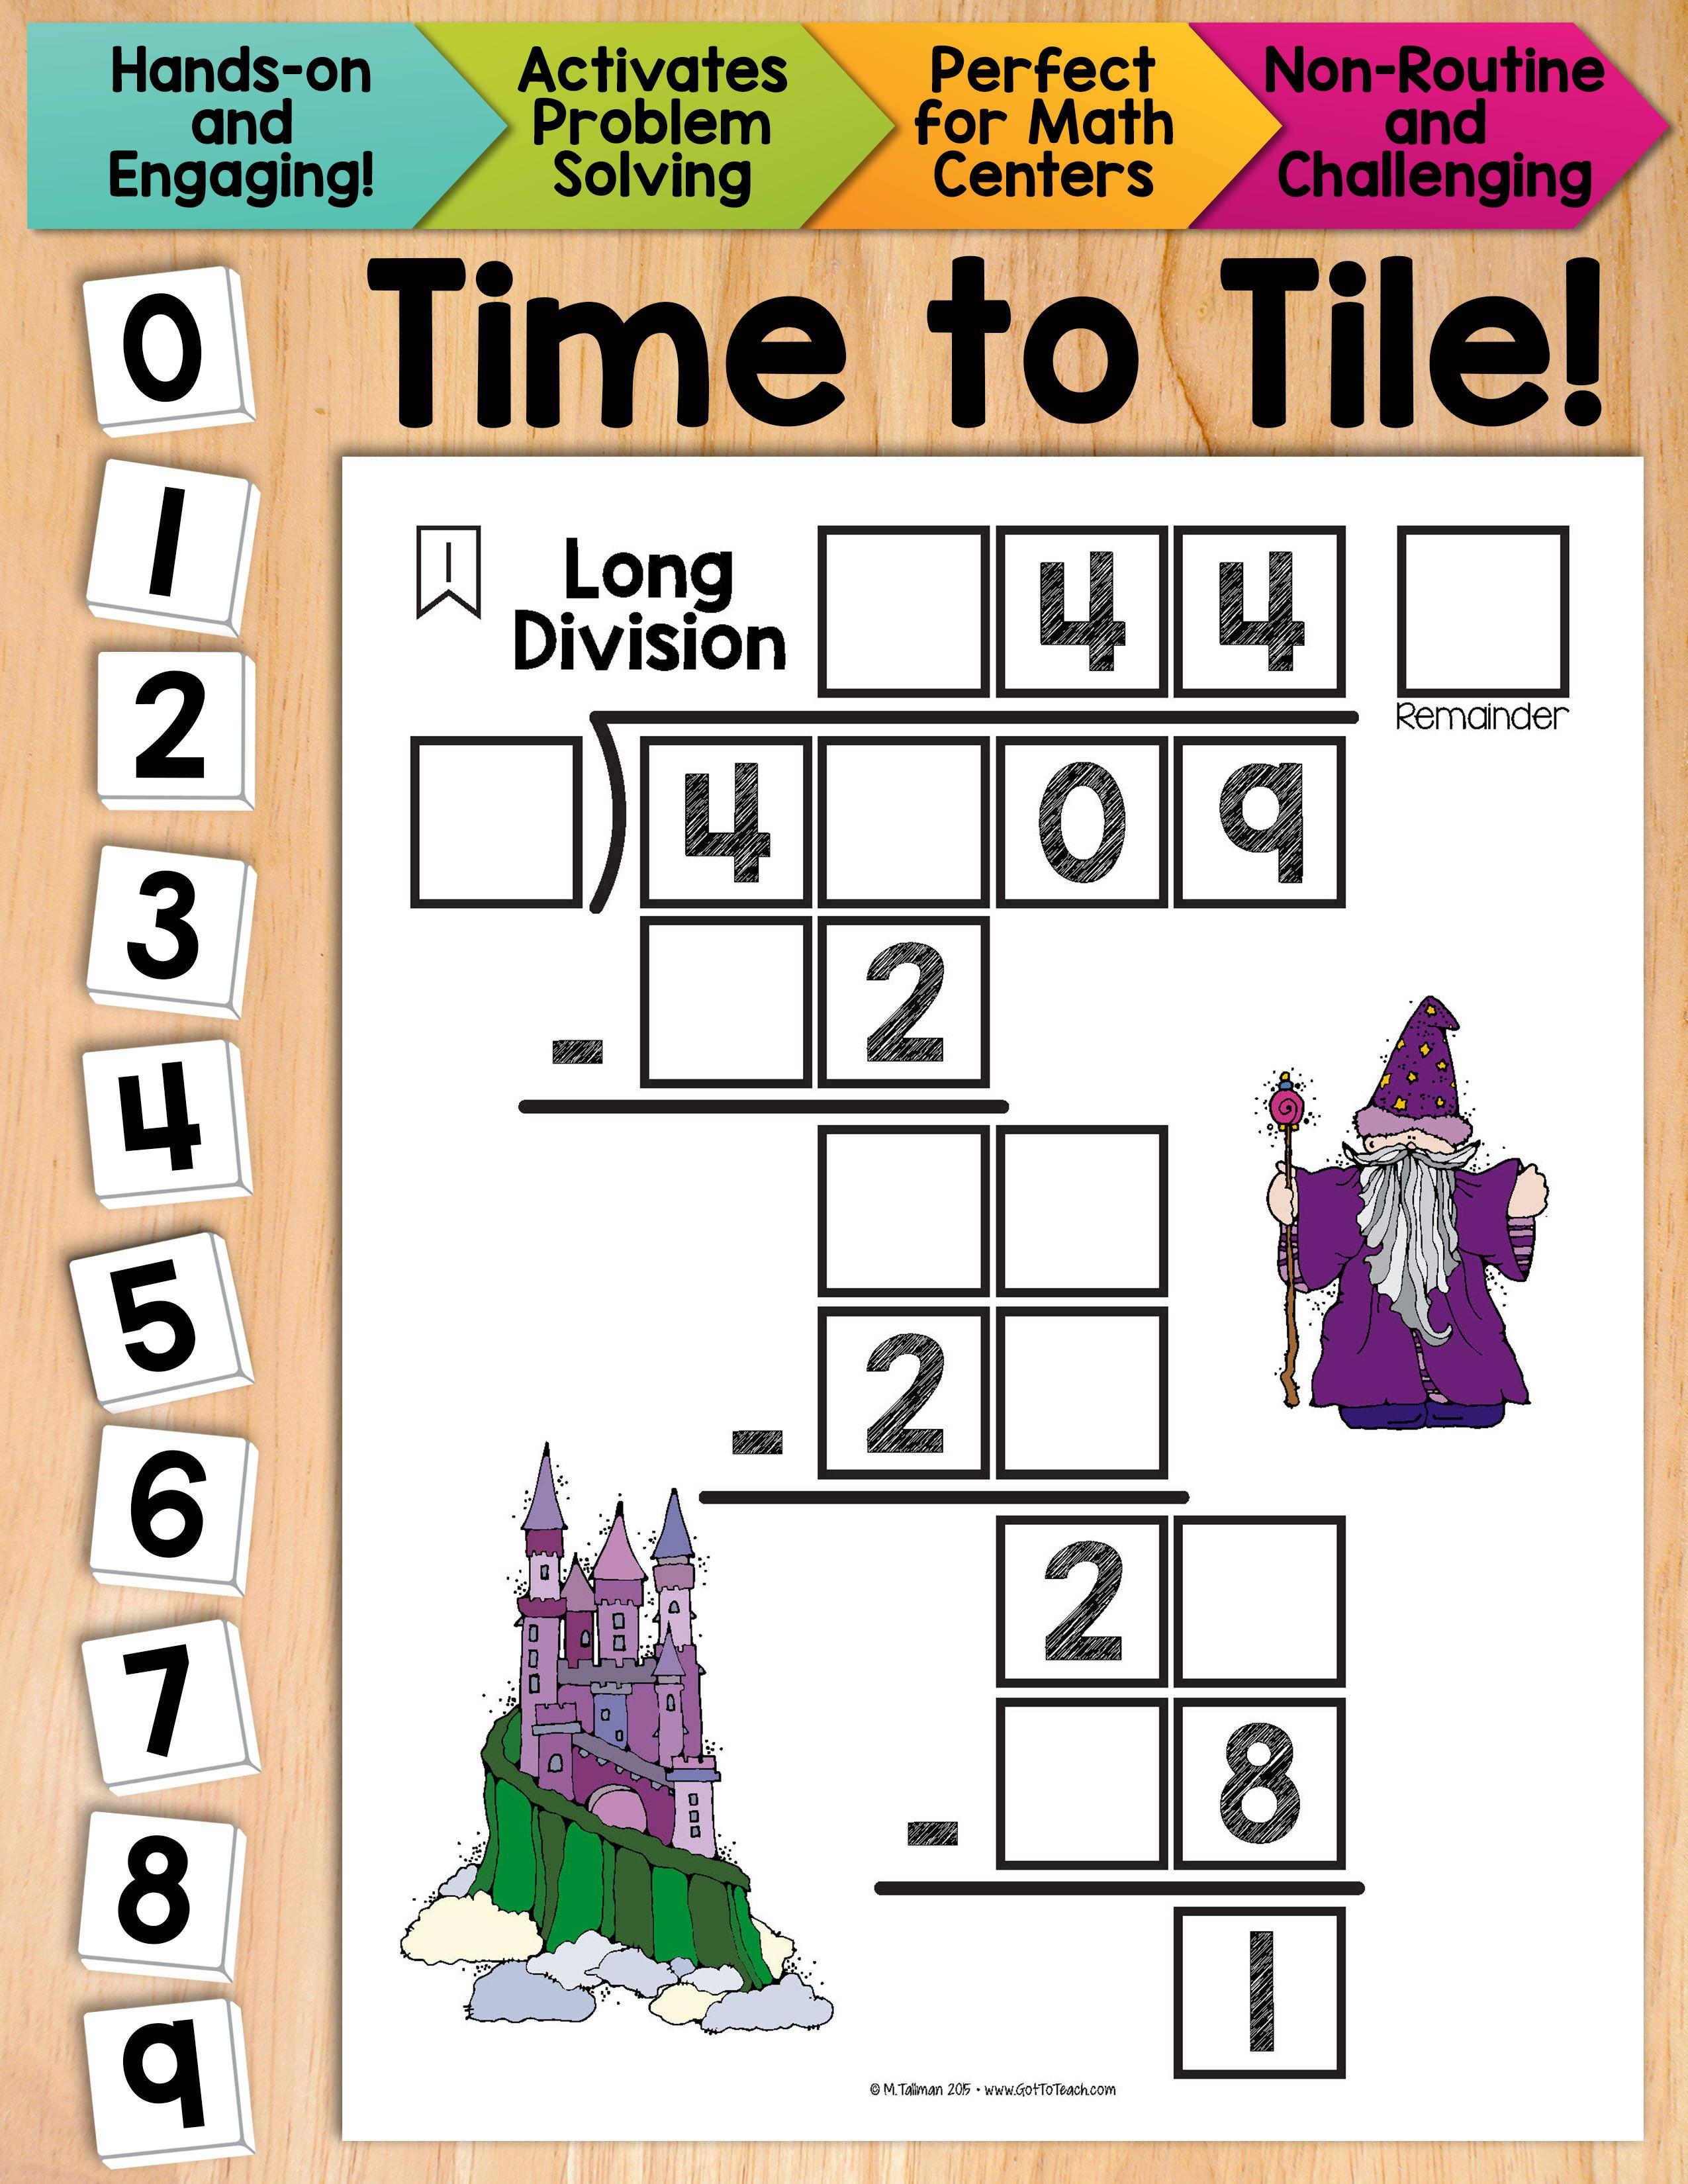 Fun Long Division Challenge Activity Low Prep Math Nbt